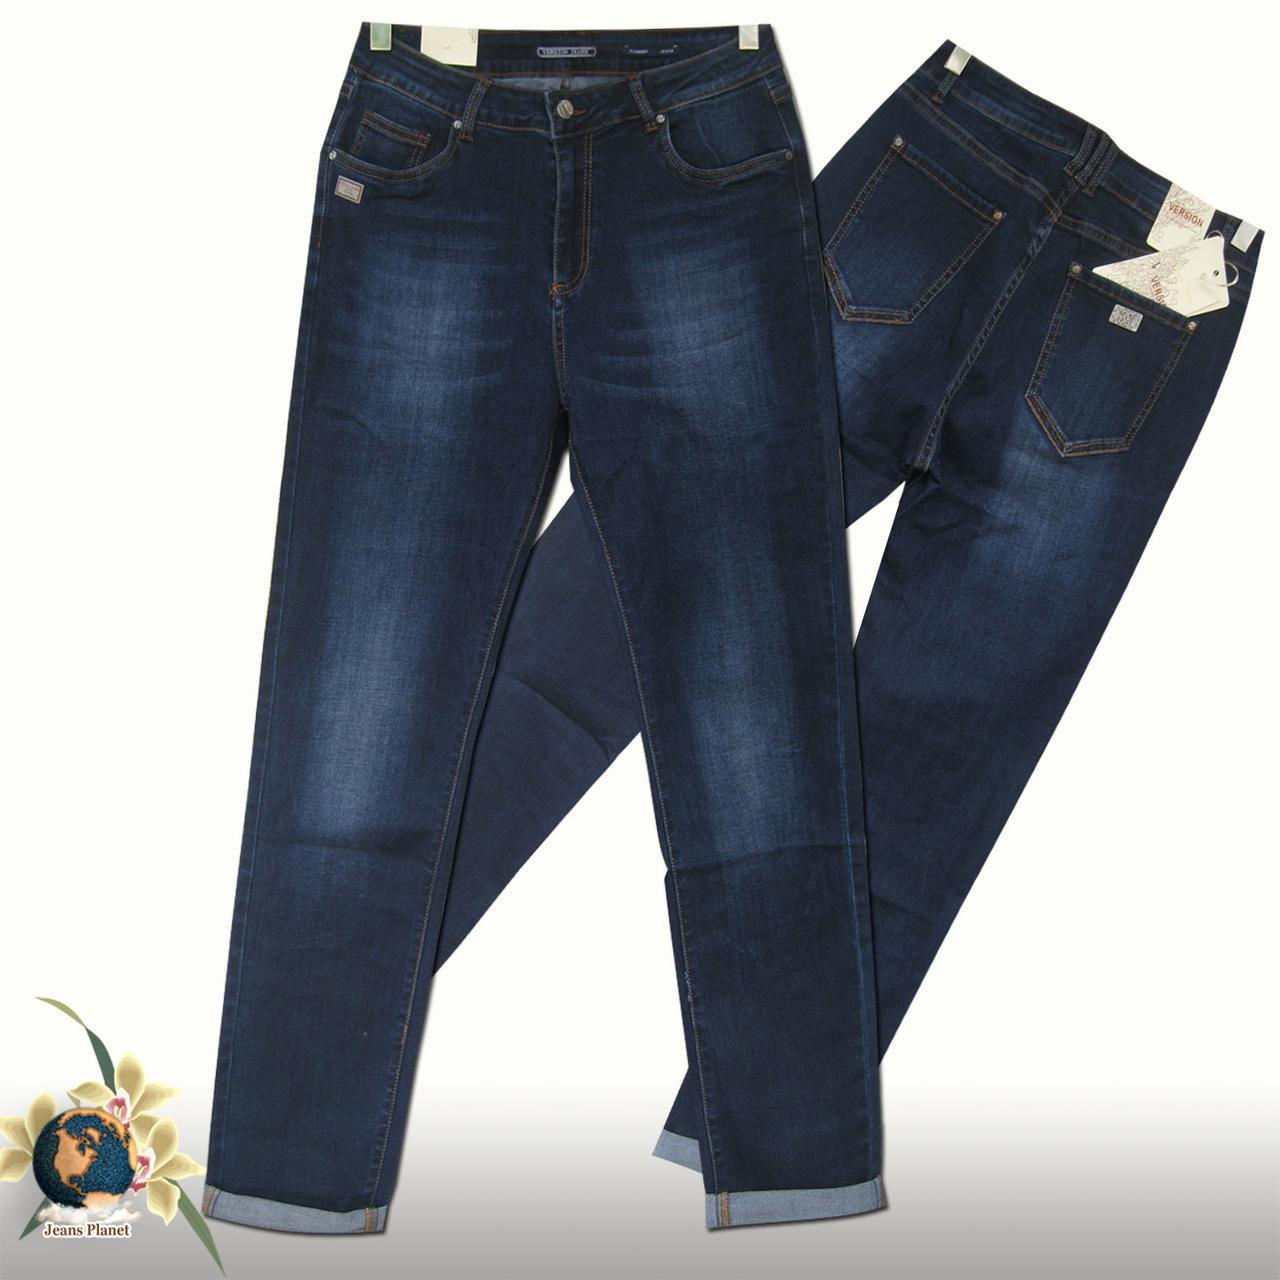 79a7baeb977 Джинсы женские высокой посадкой Version батал тёмно-синего цвета - Jeans  Planet -джинсовая одежда